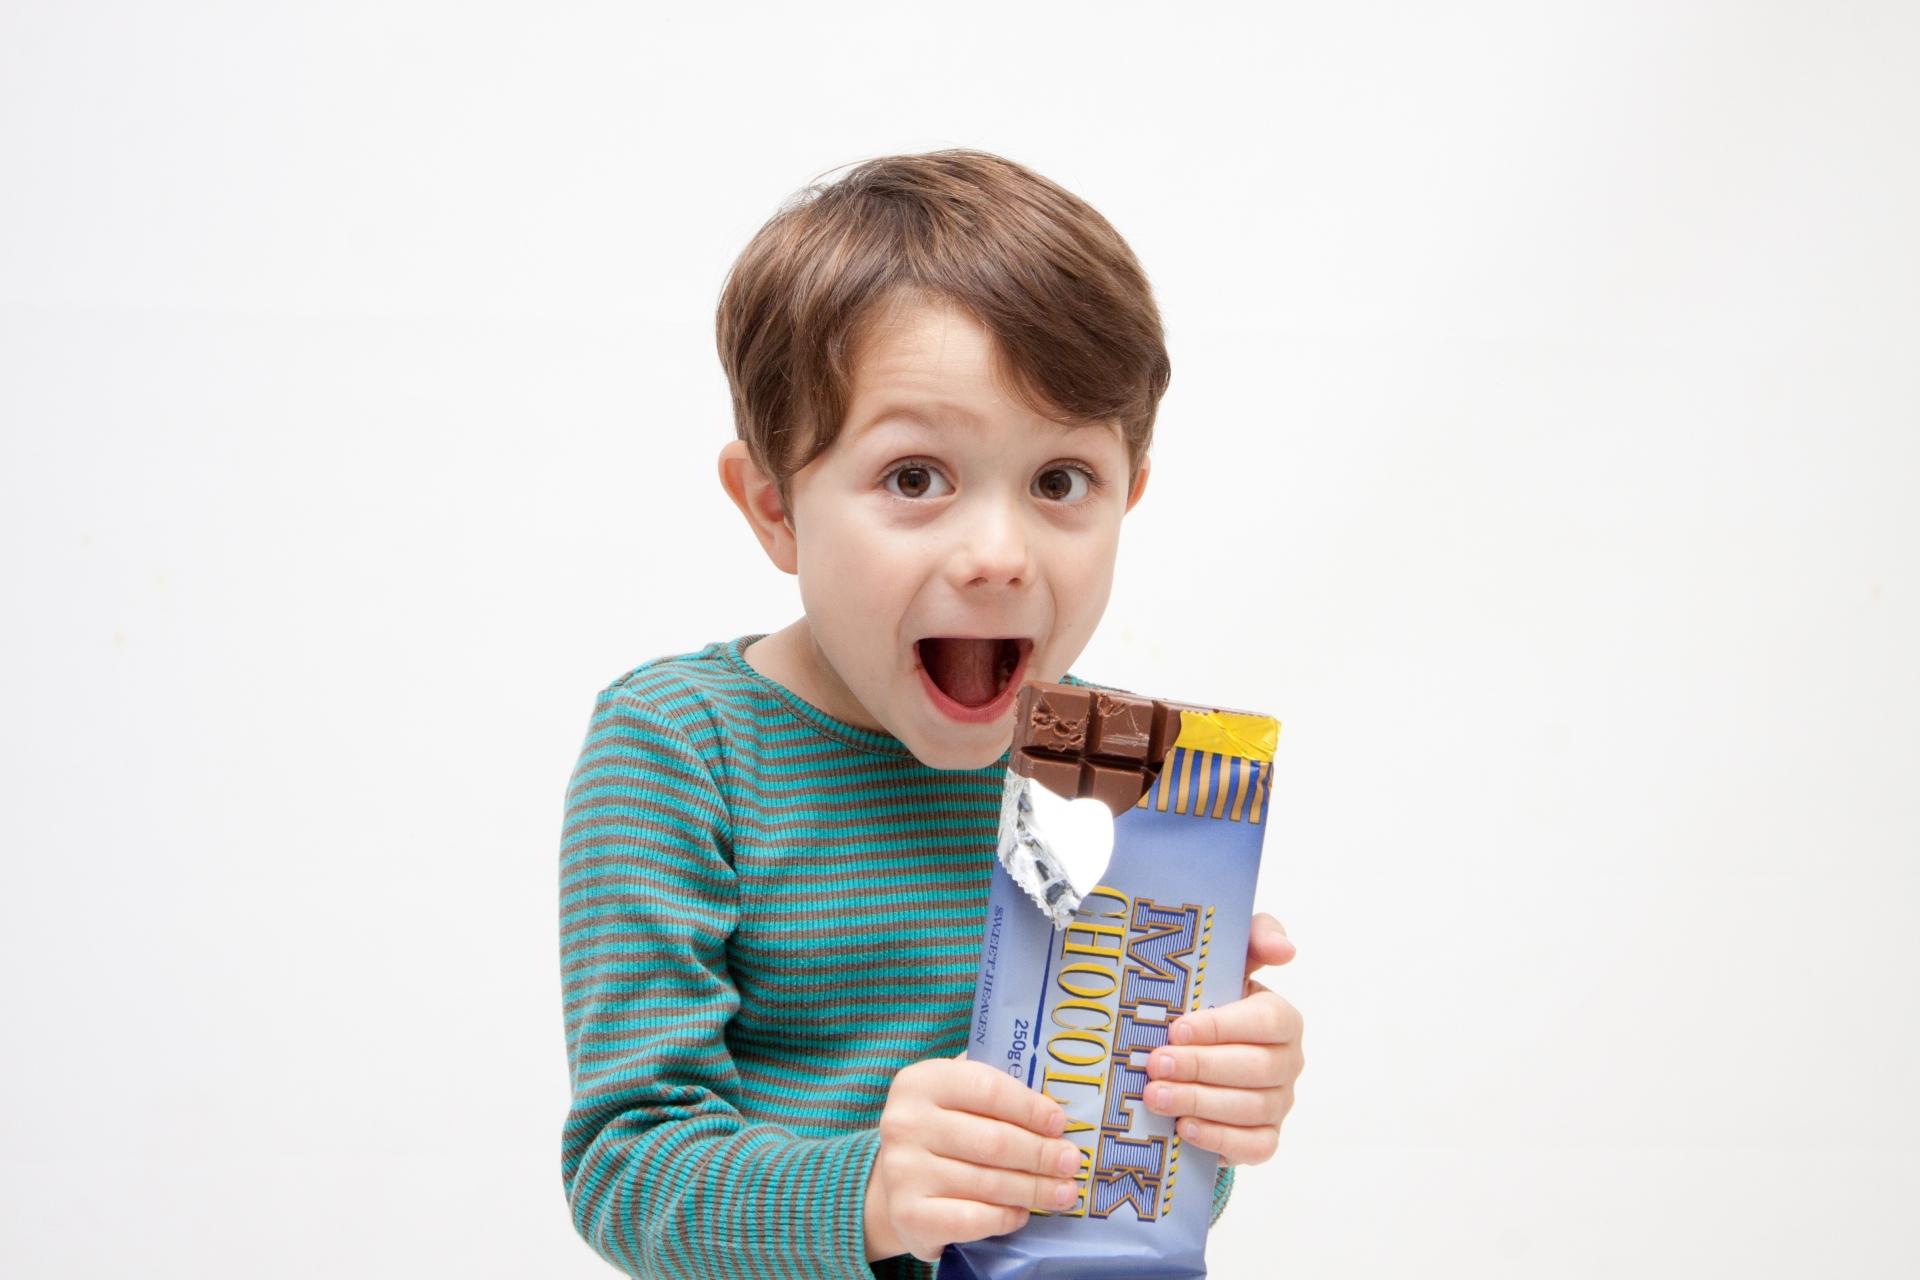 クーベルチュールと市販の板チョコの違いって?